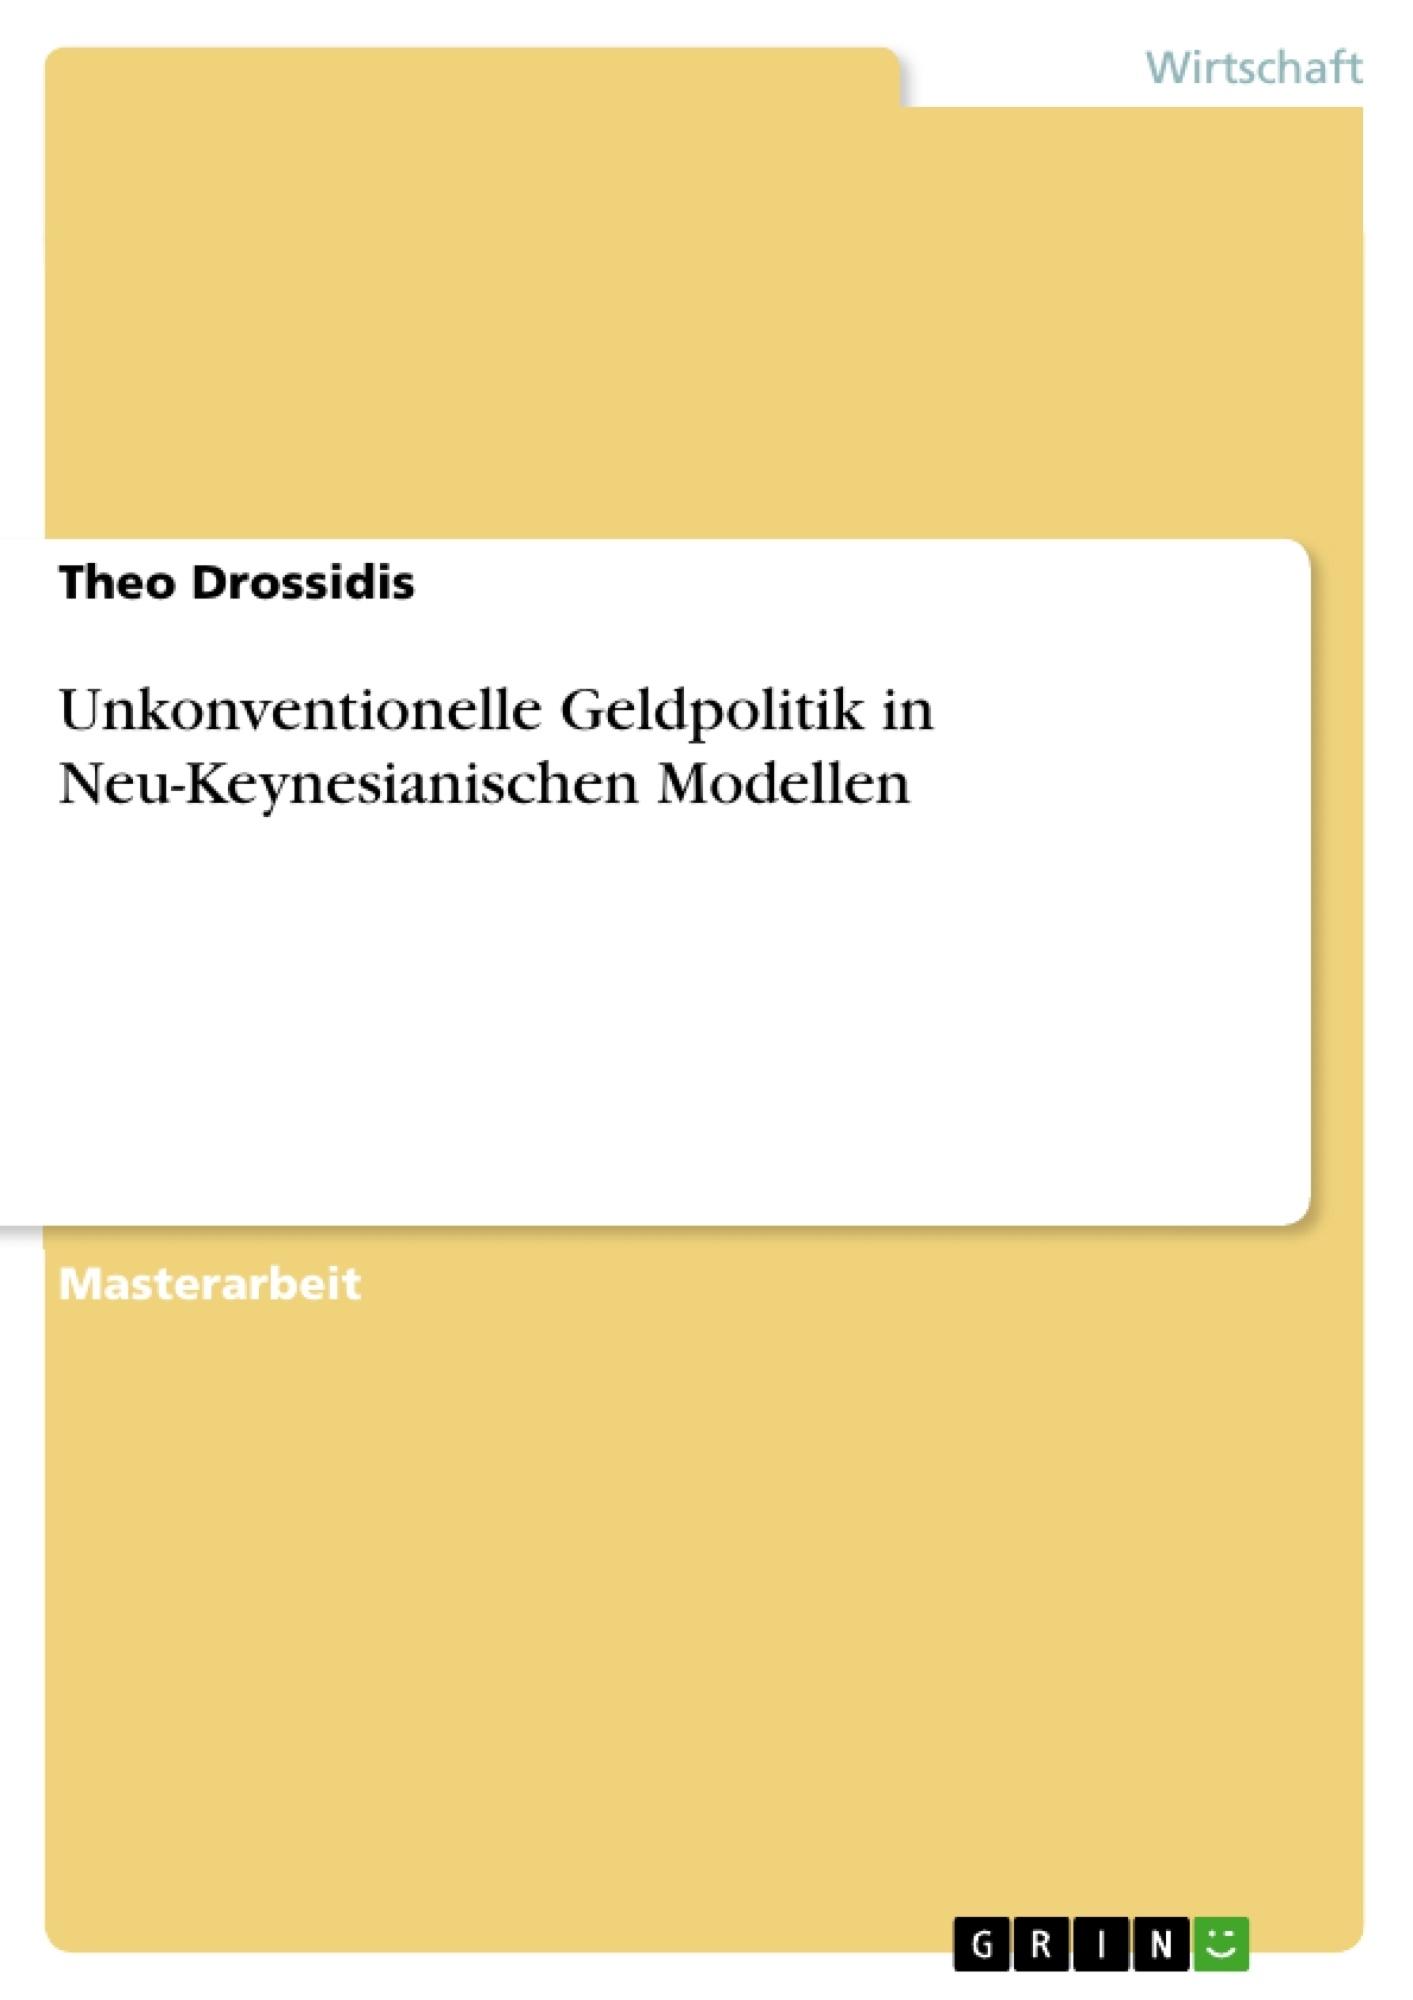 Titel: Unkonventionelle Geldpolitik in Neu-Keynesianischen Modellen